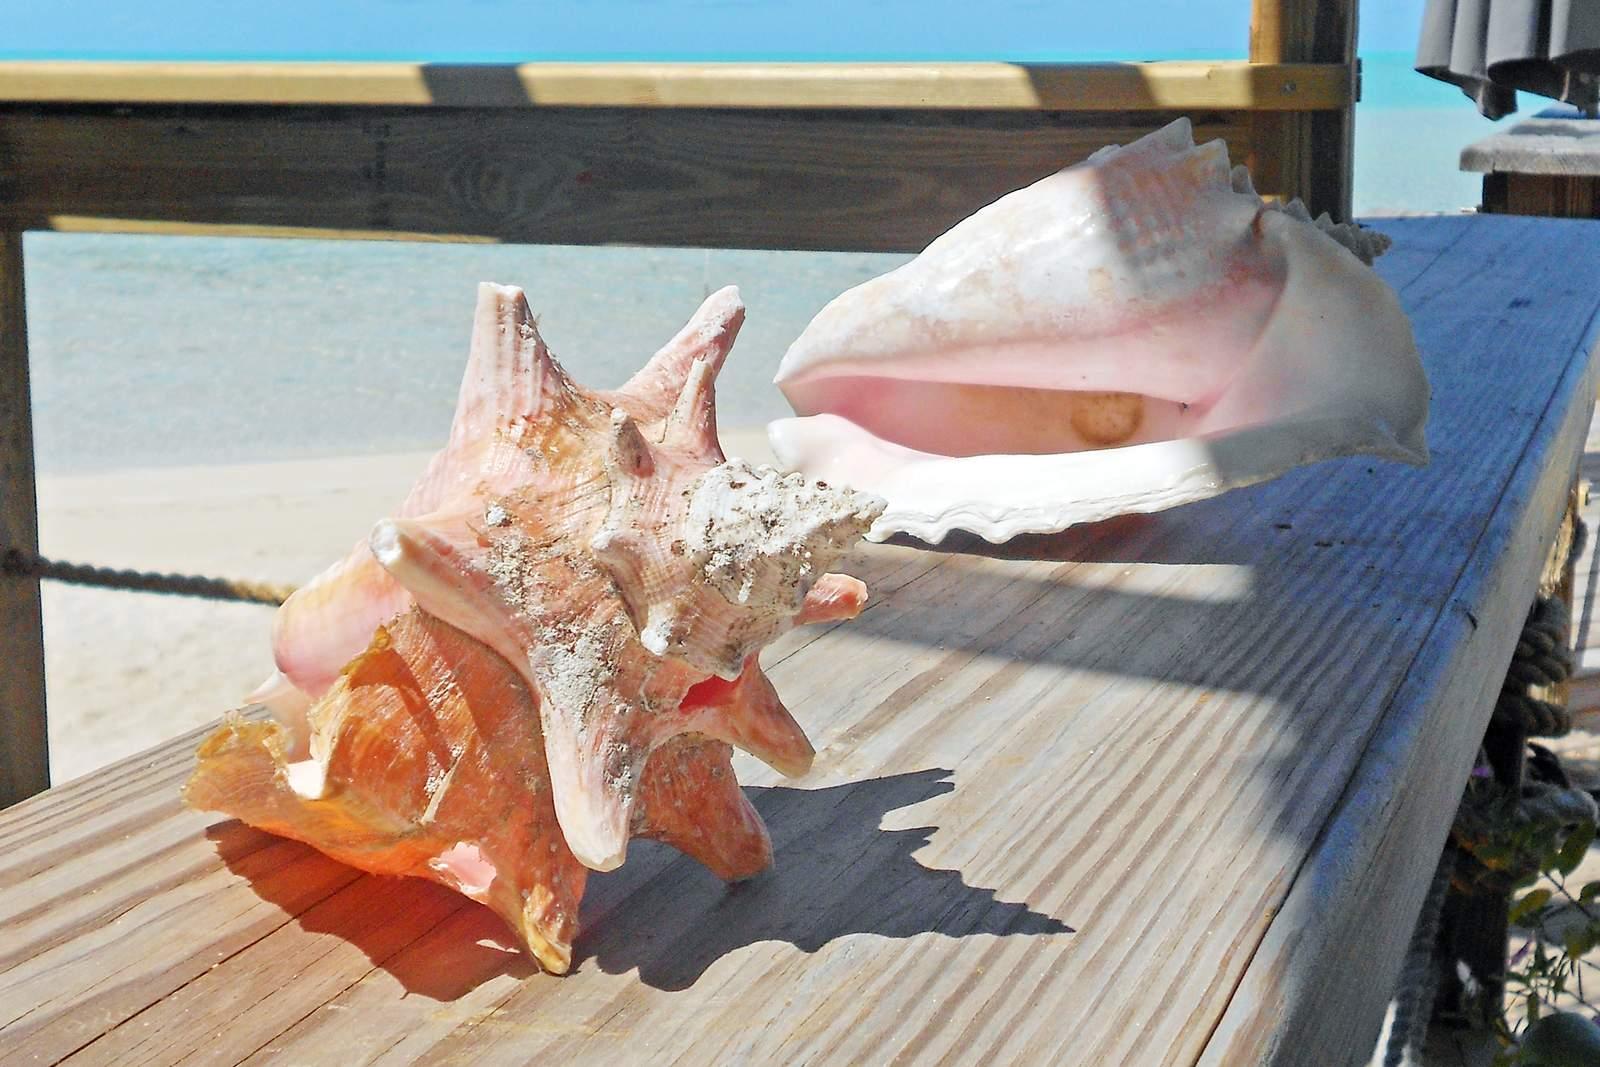 Conch Muscheln, eine beliebte Delikatesse